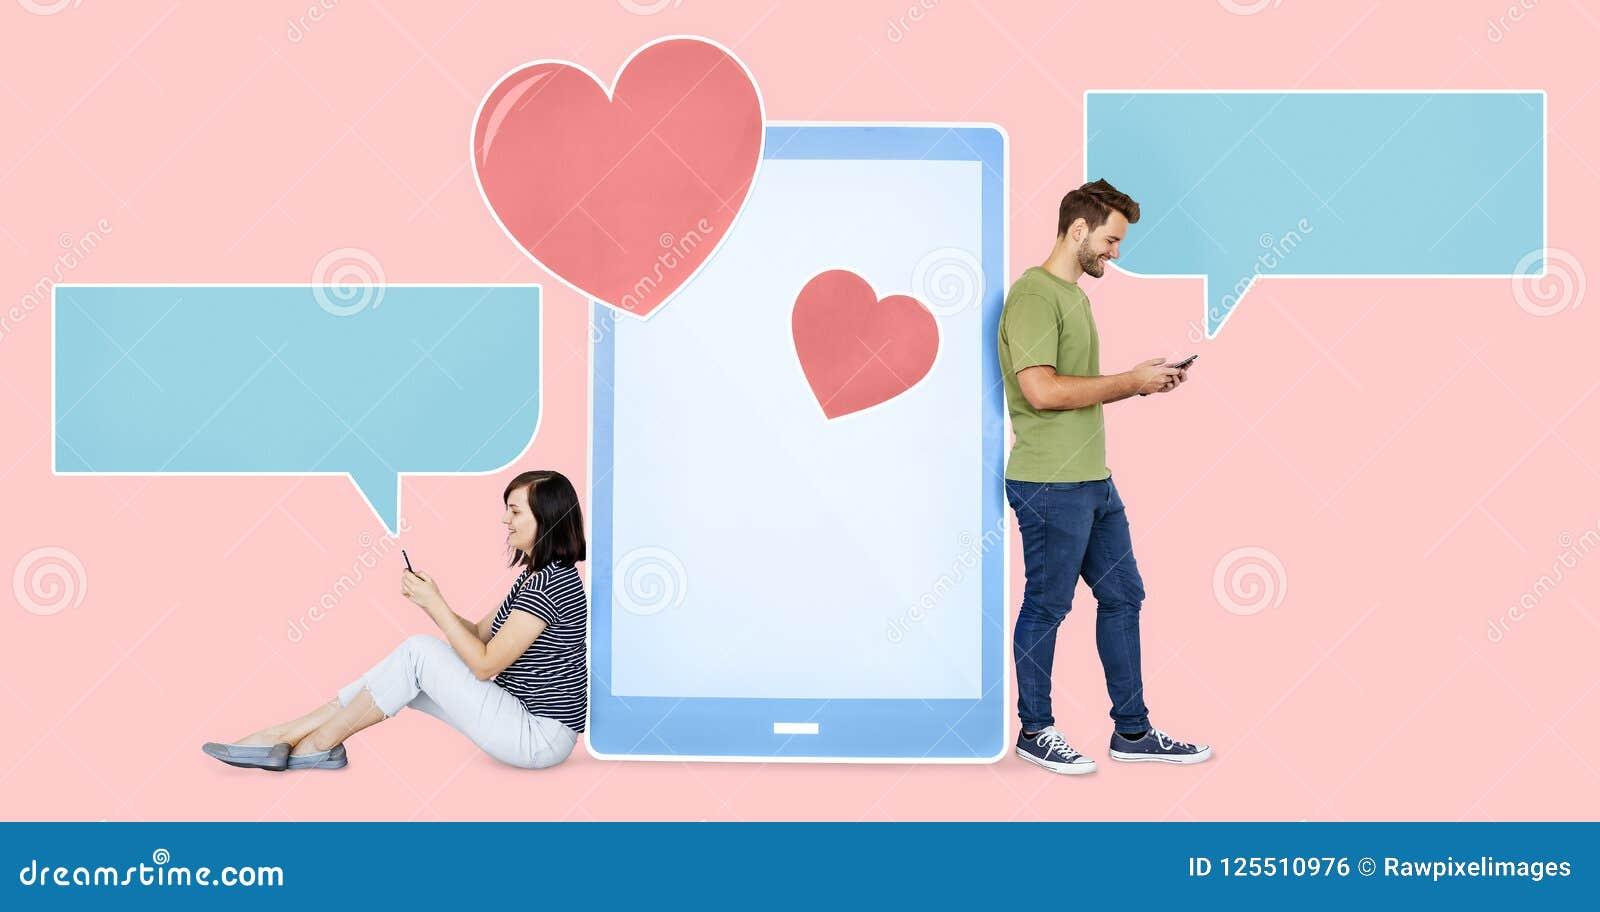 mensajes cariñosos que mandan un sms de los pares el uno al otro